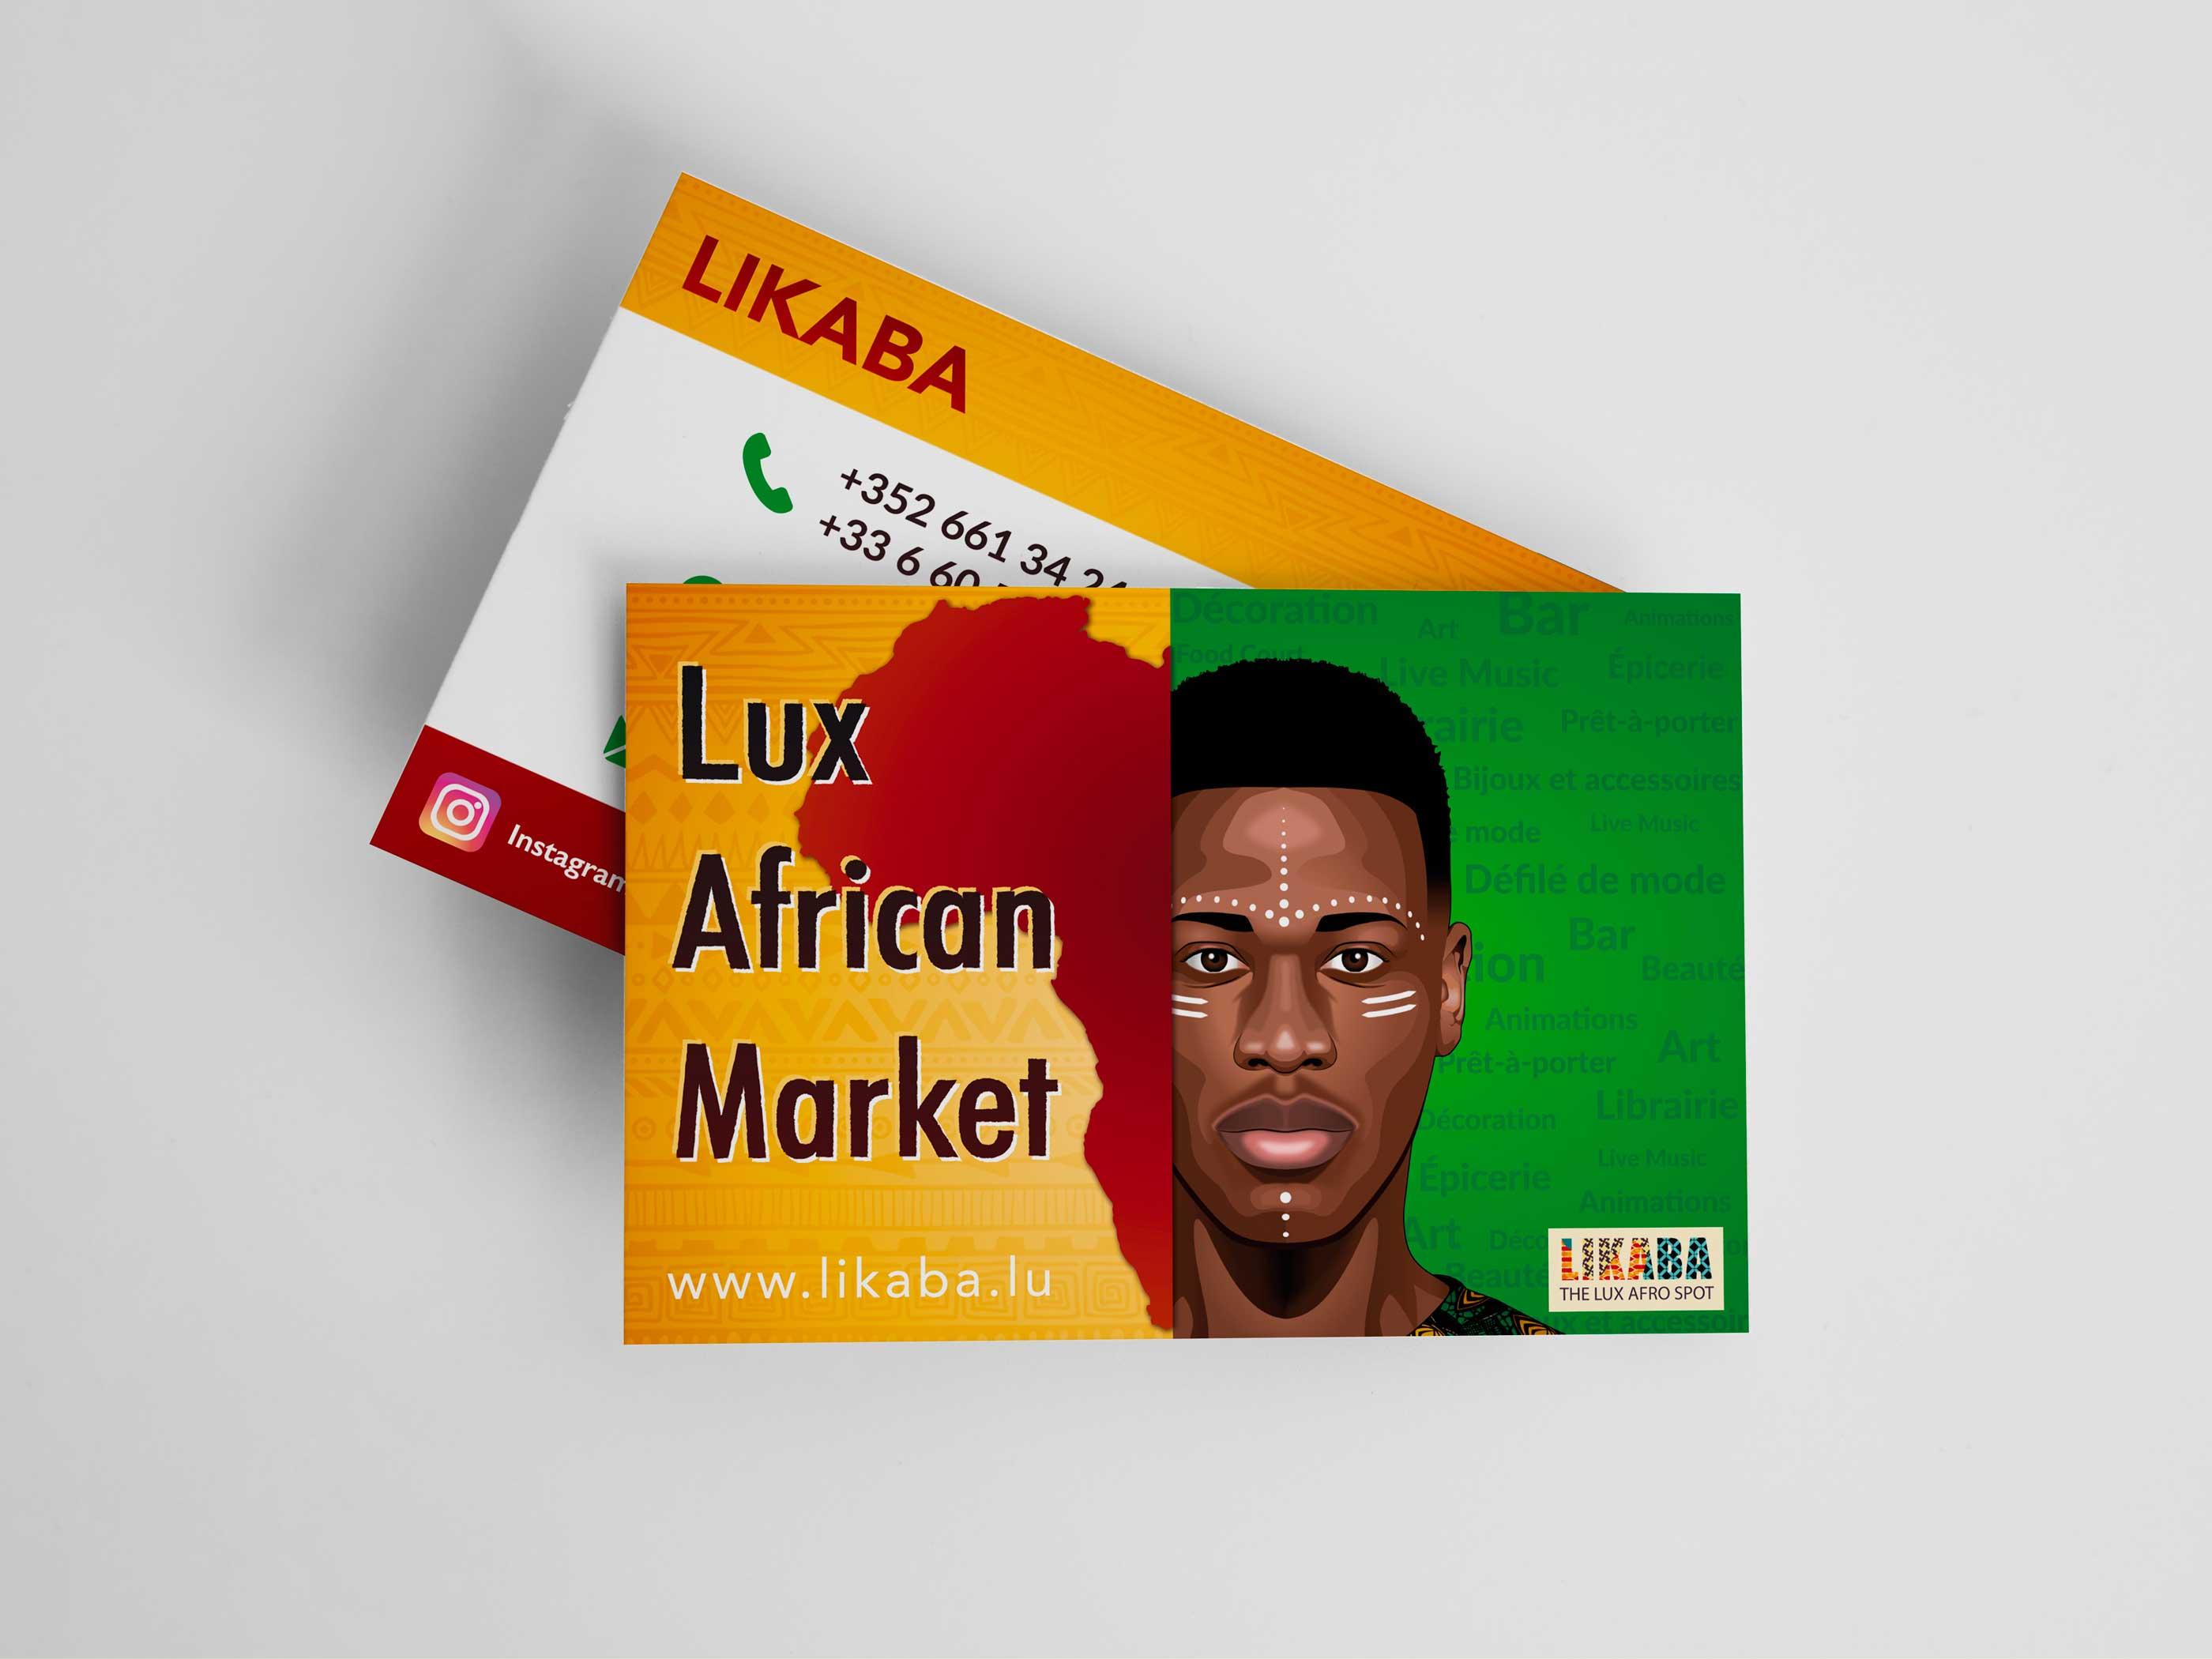 Cartes de visites Lux African Market 2019 présenté sur fond blanc